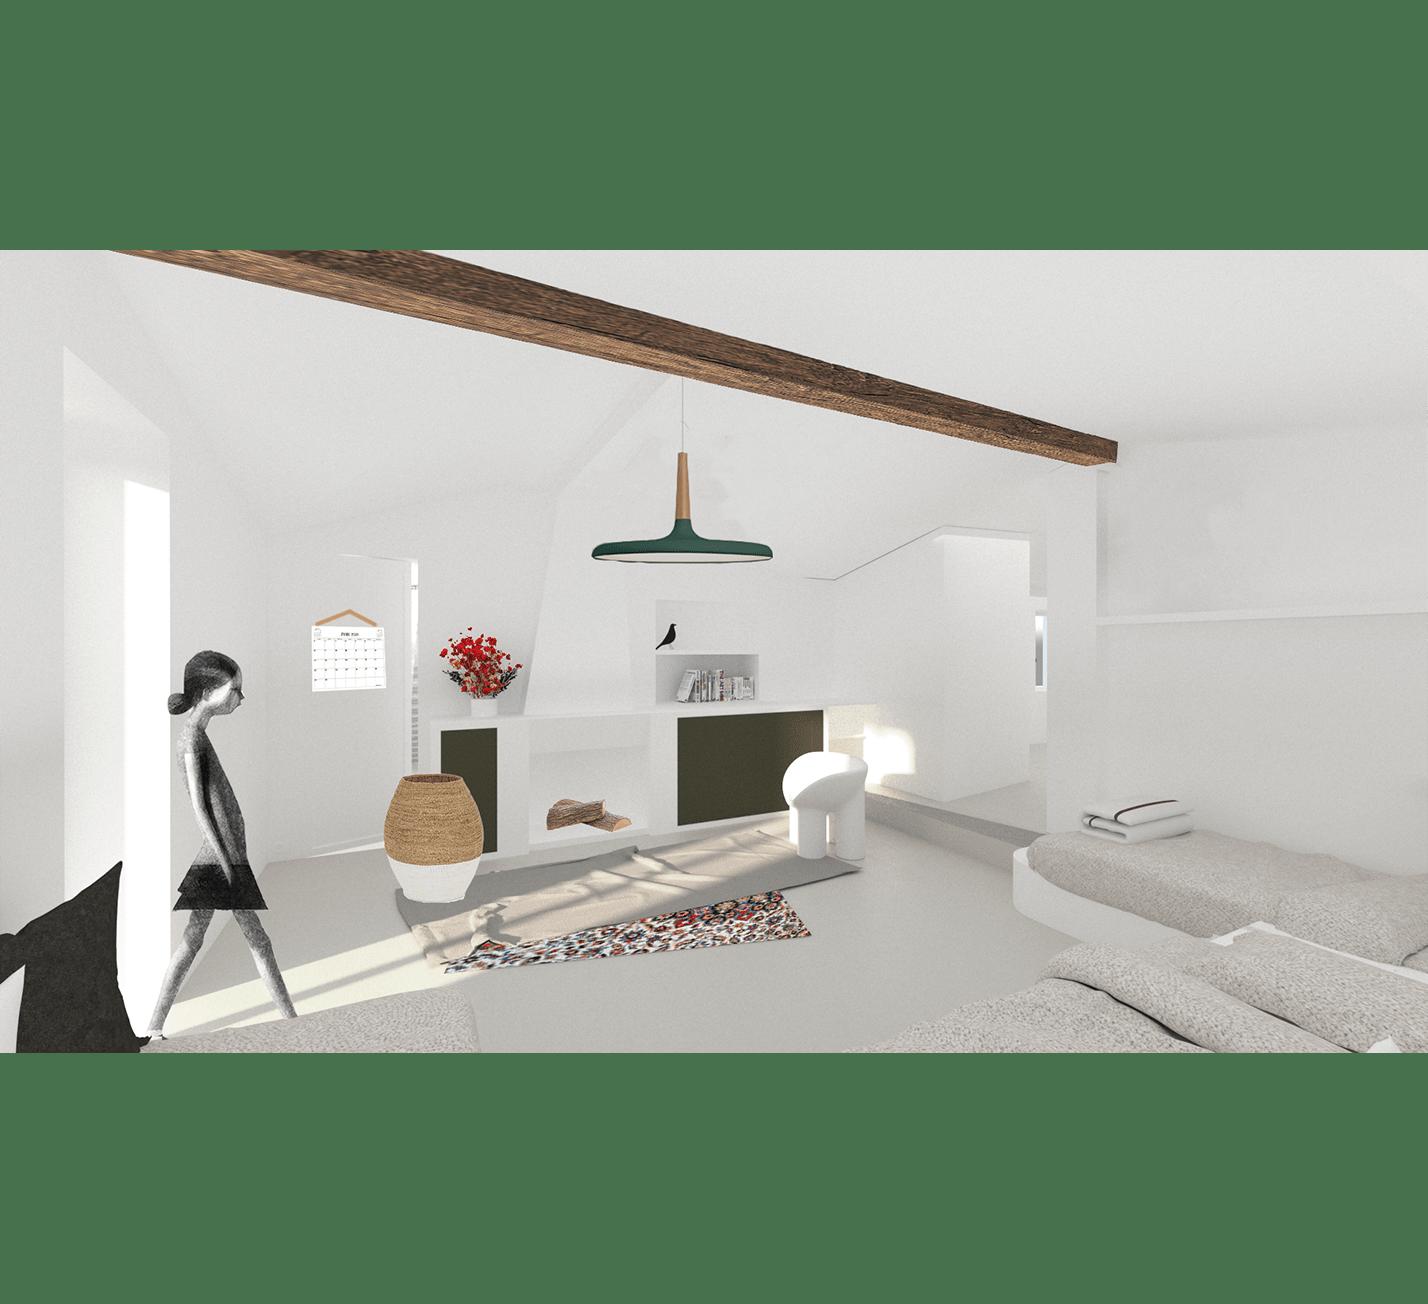 Projet-Bergeries-Atelier-Steve-Pauline-Borgia-Architecte-interieur-Vue-dortoir-01-min